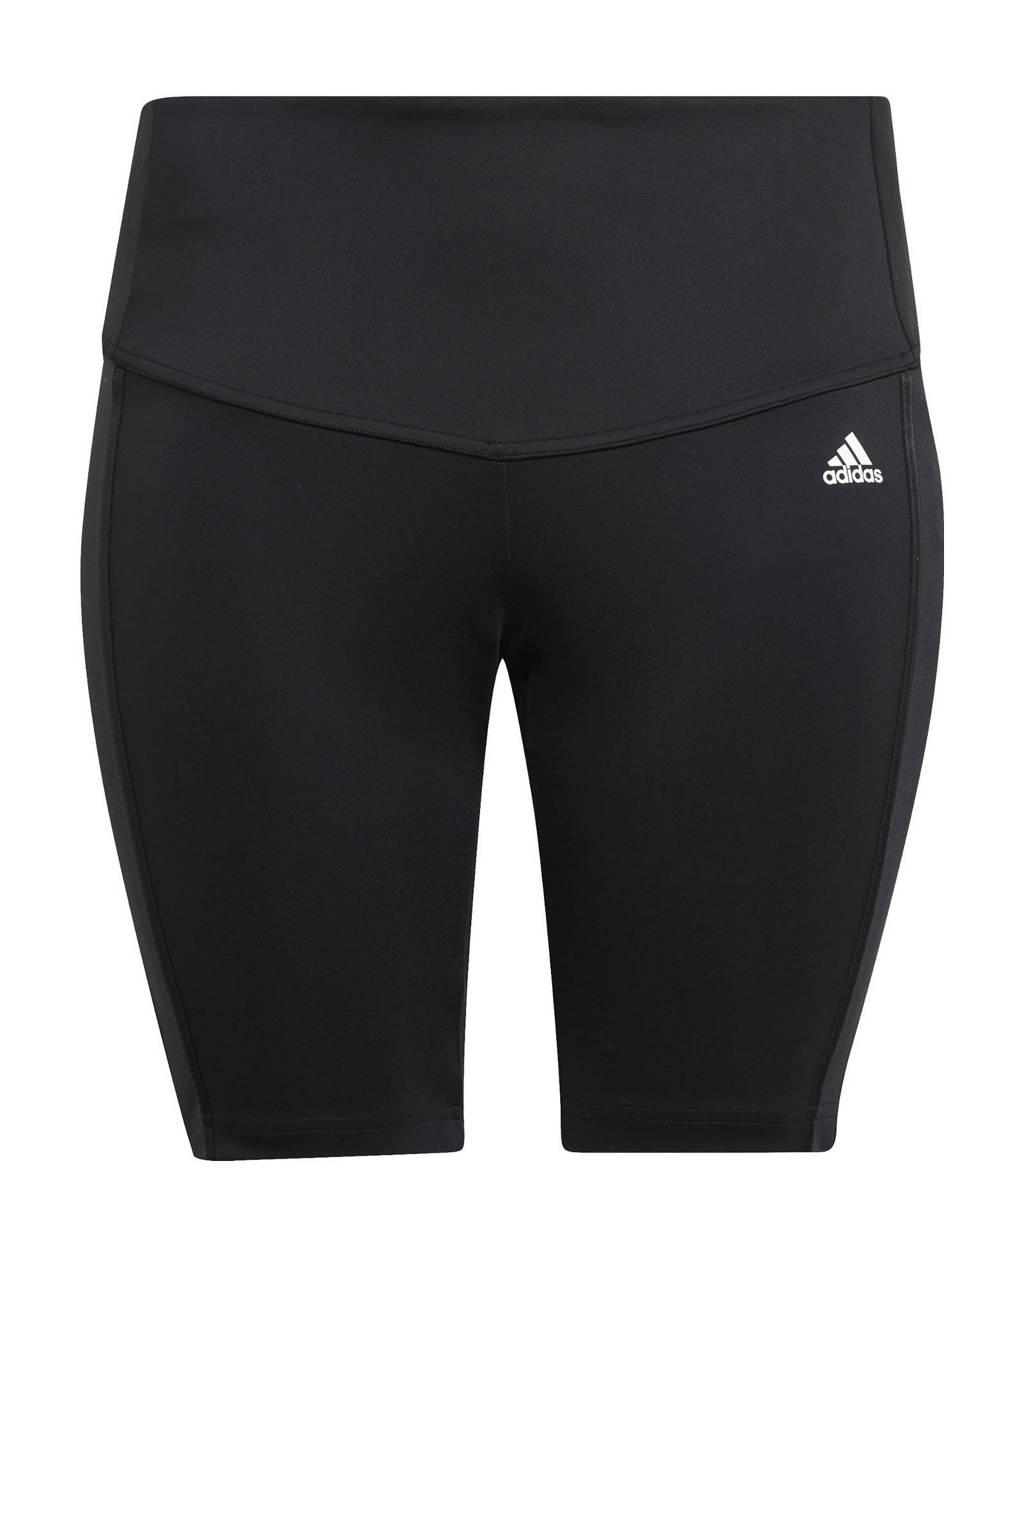 adidas Performance Plus Size Dance Designed2Move sportshort zwart/wit, Zwart/wit